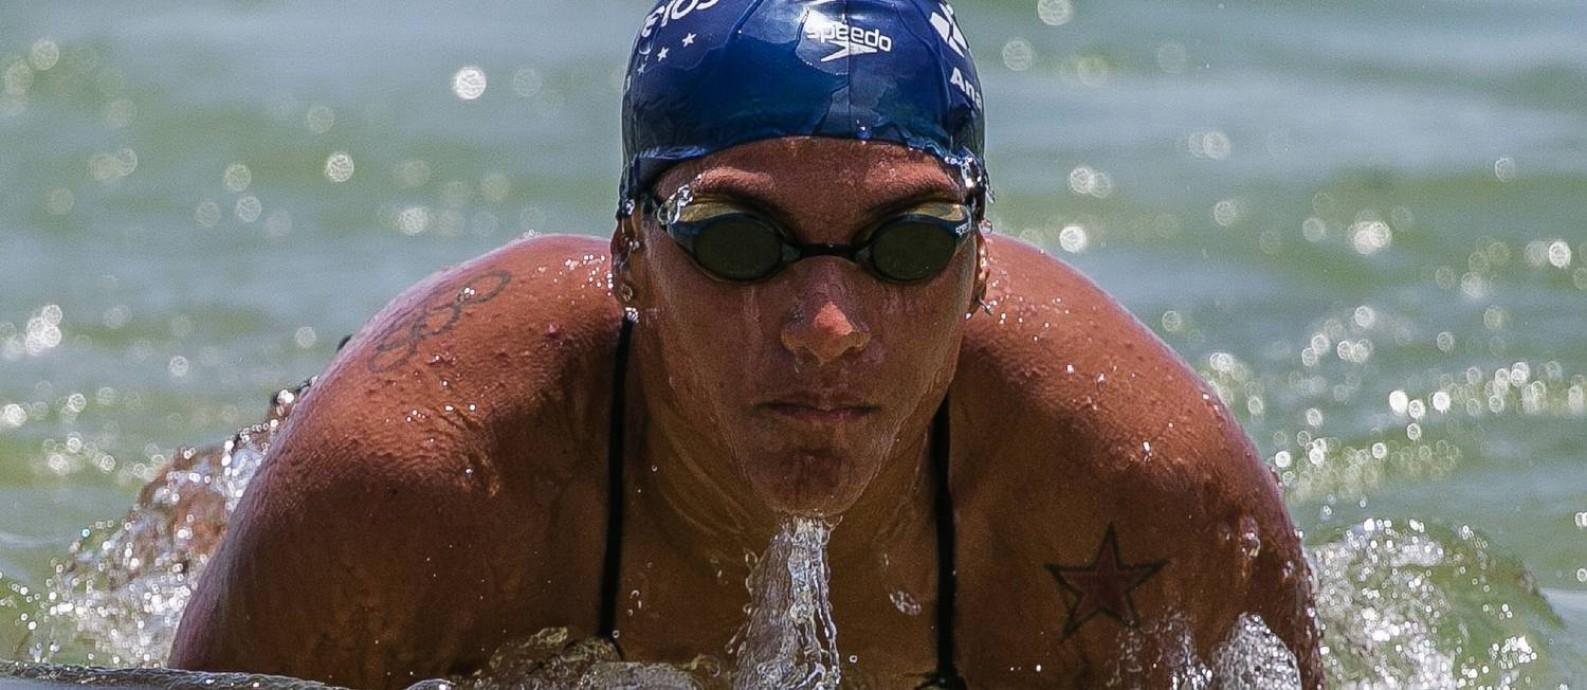 Ana Marcela Cunha é uma das apostas brasileiras para medalha nos Jogos de Tóquio Foto: Gustavo Oliveira/Divulgação